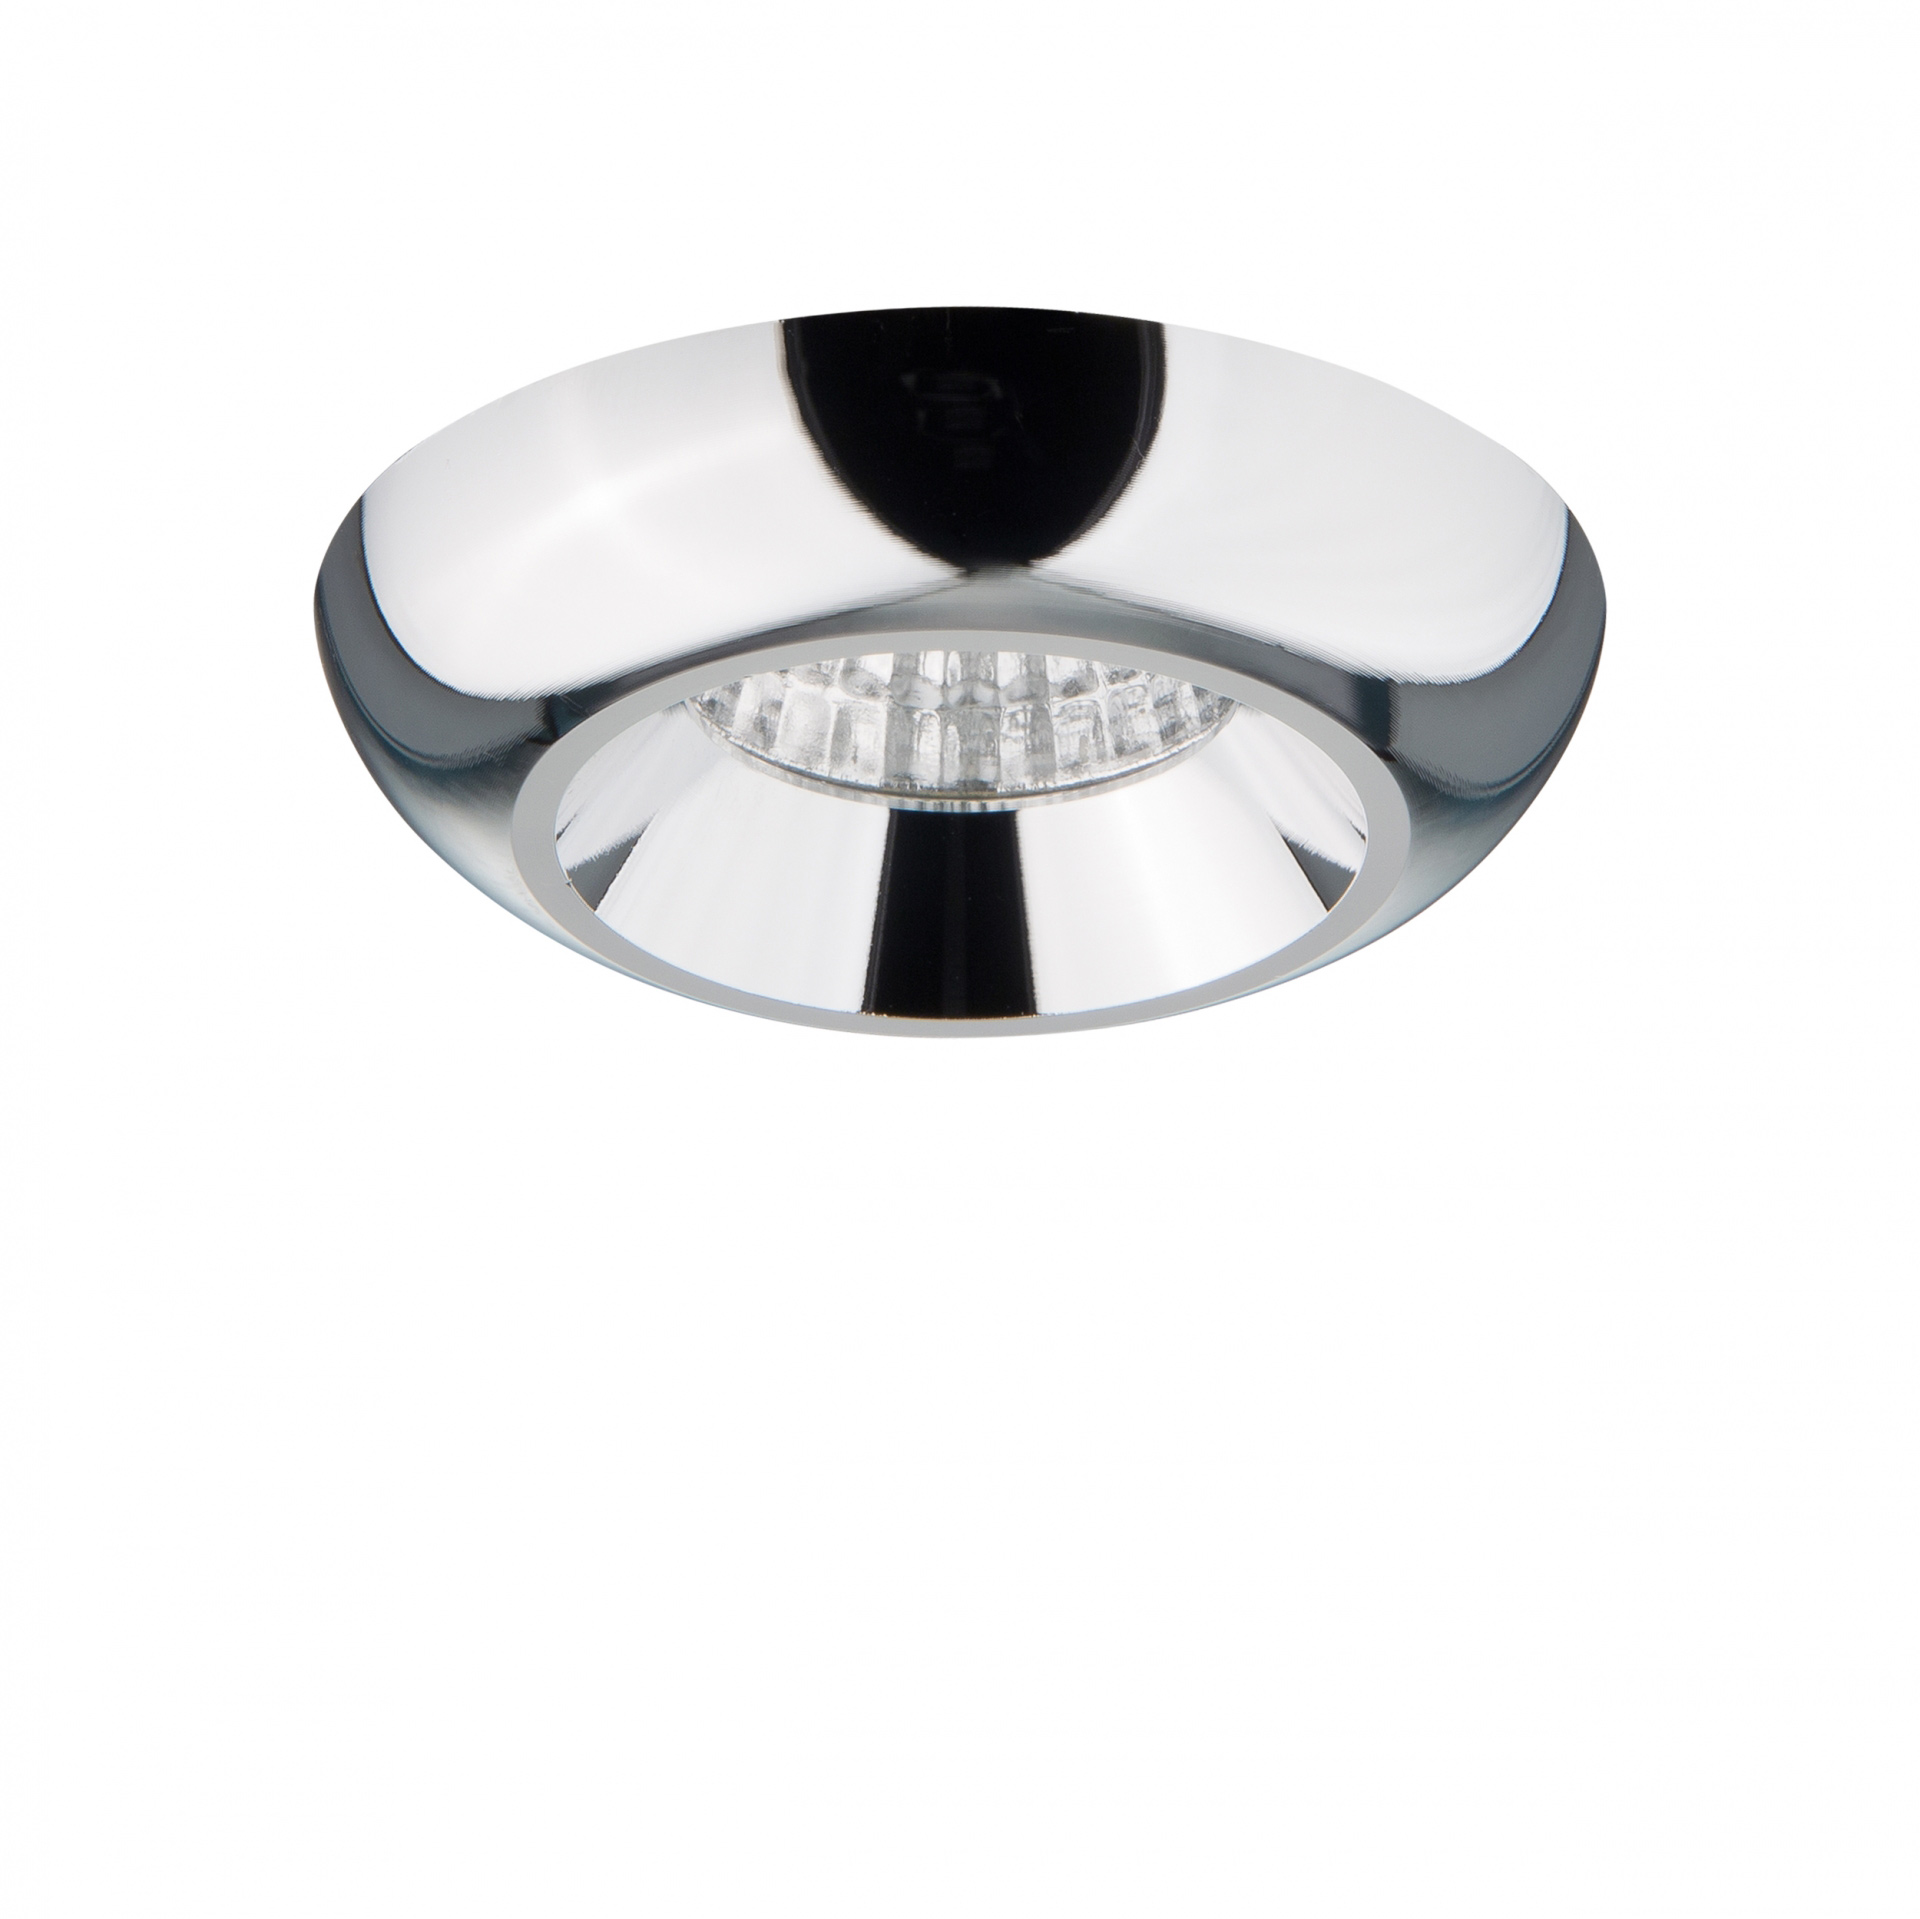 Светильник Monde LED 5W 400LM 50G хром 3000K Lightstar 071054, купить в СПб, Москве, с доставкой, Санкт-Петербург, интернет-магазин люстр и светильников Starlight, фото в жизни